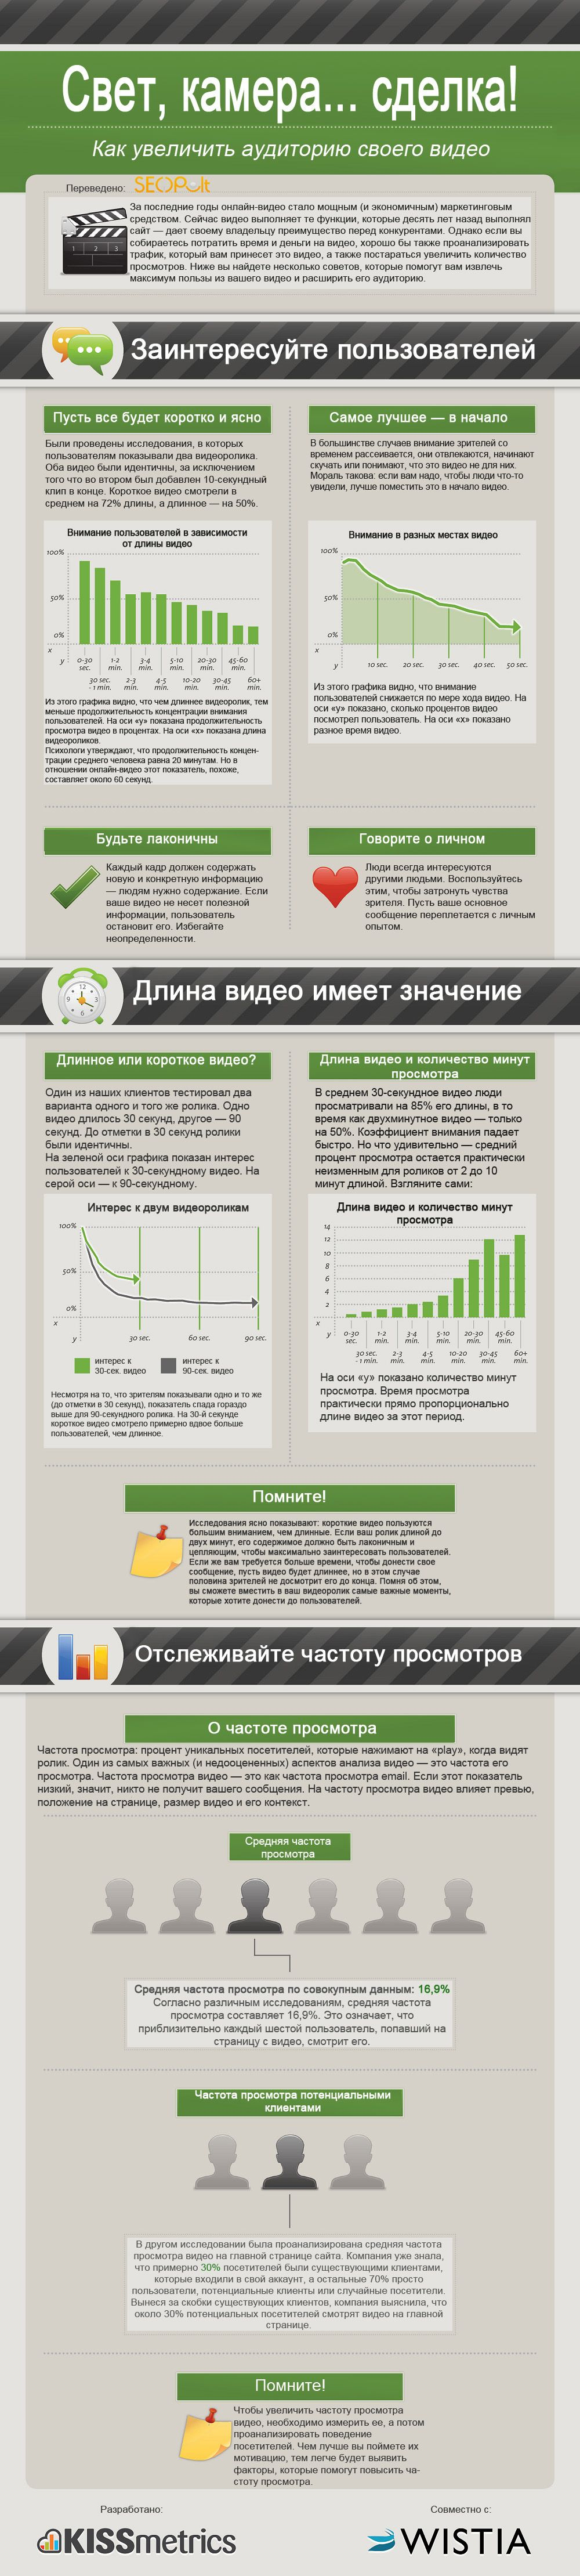 Инфографика: свет, камера... сделка!